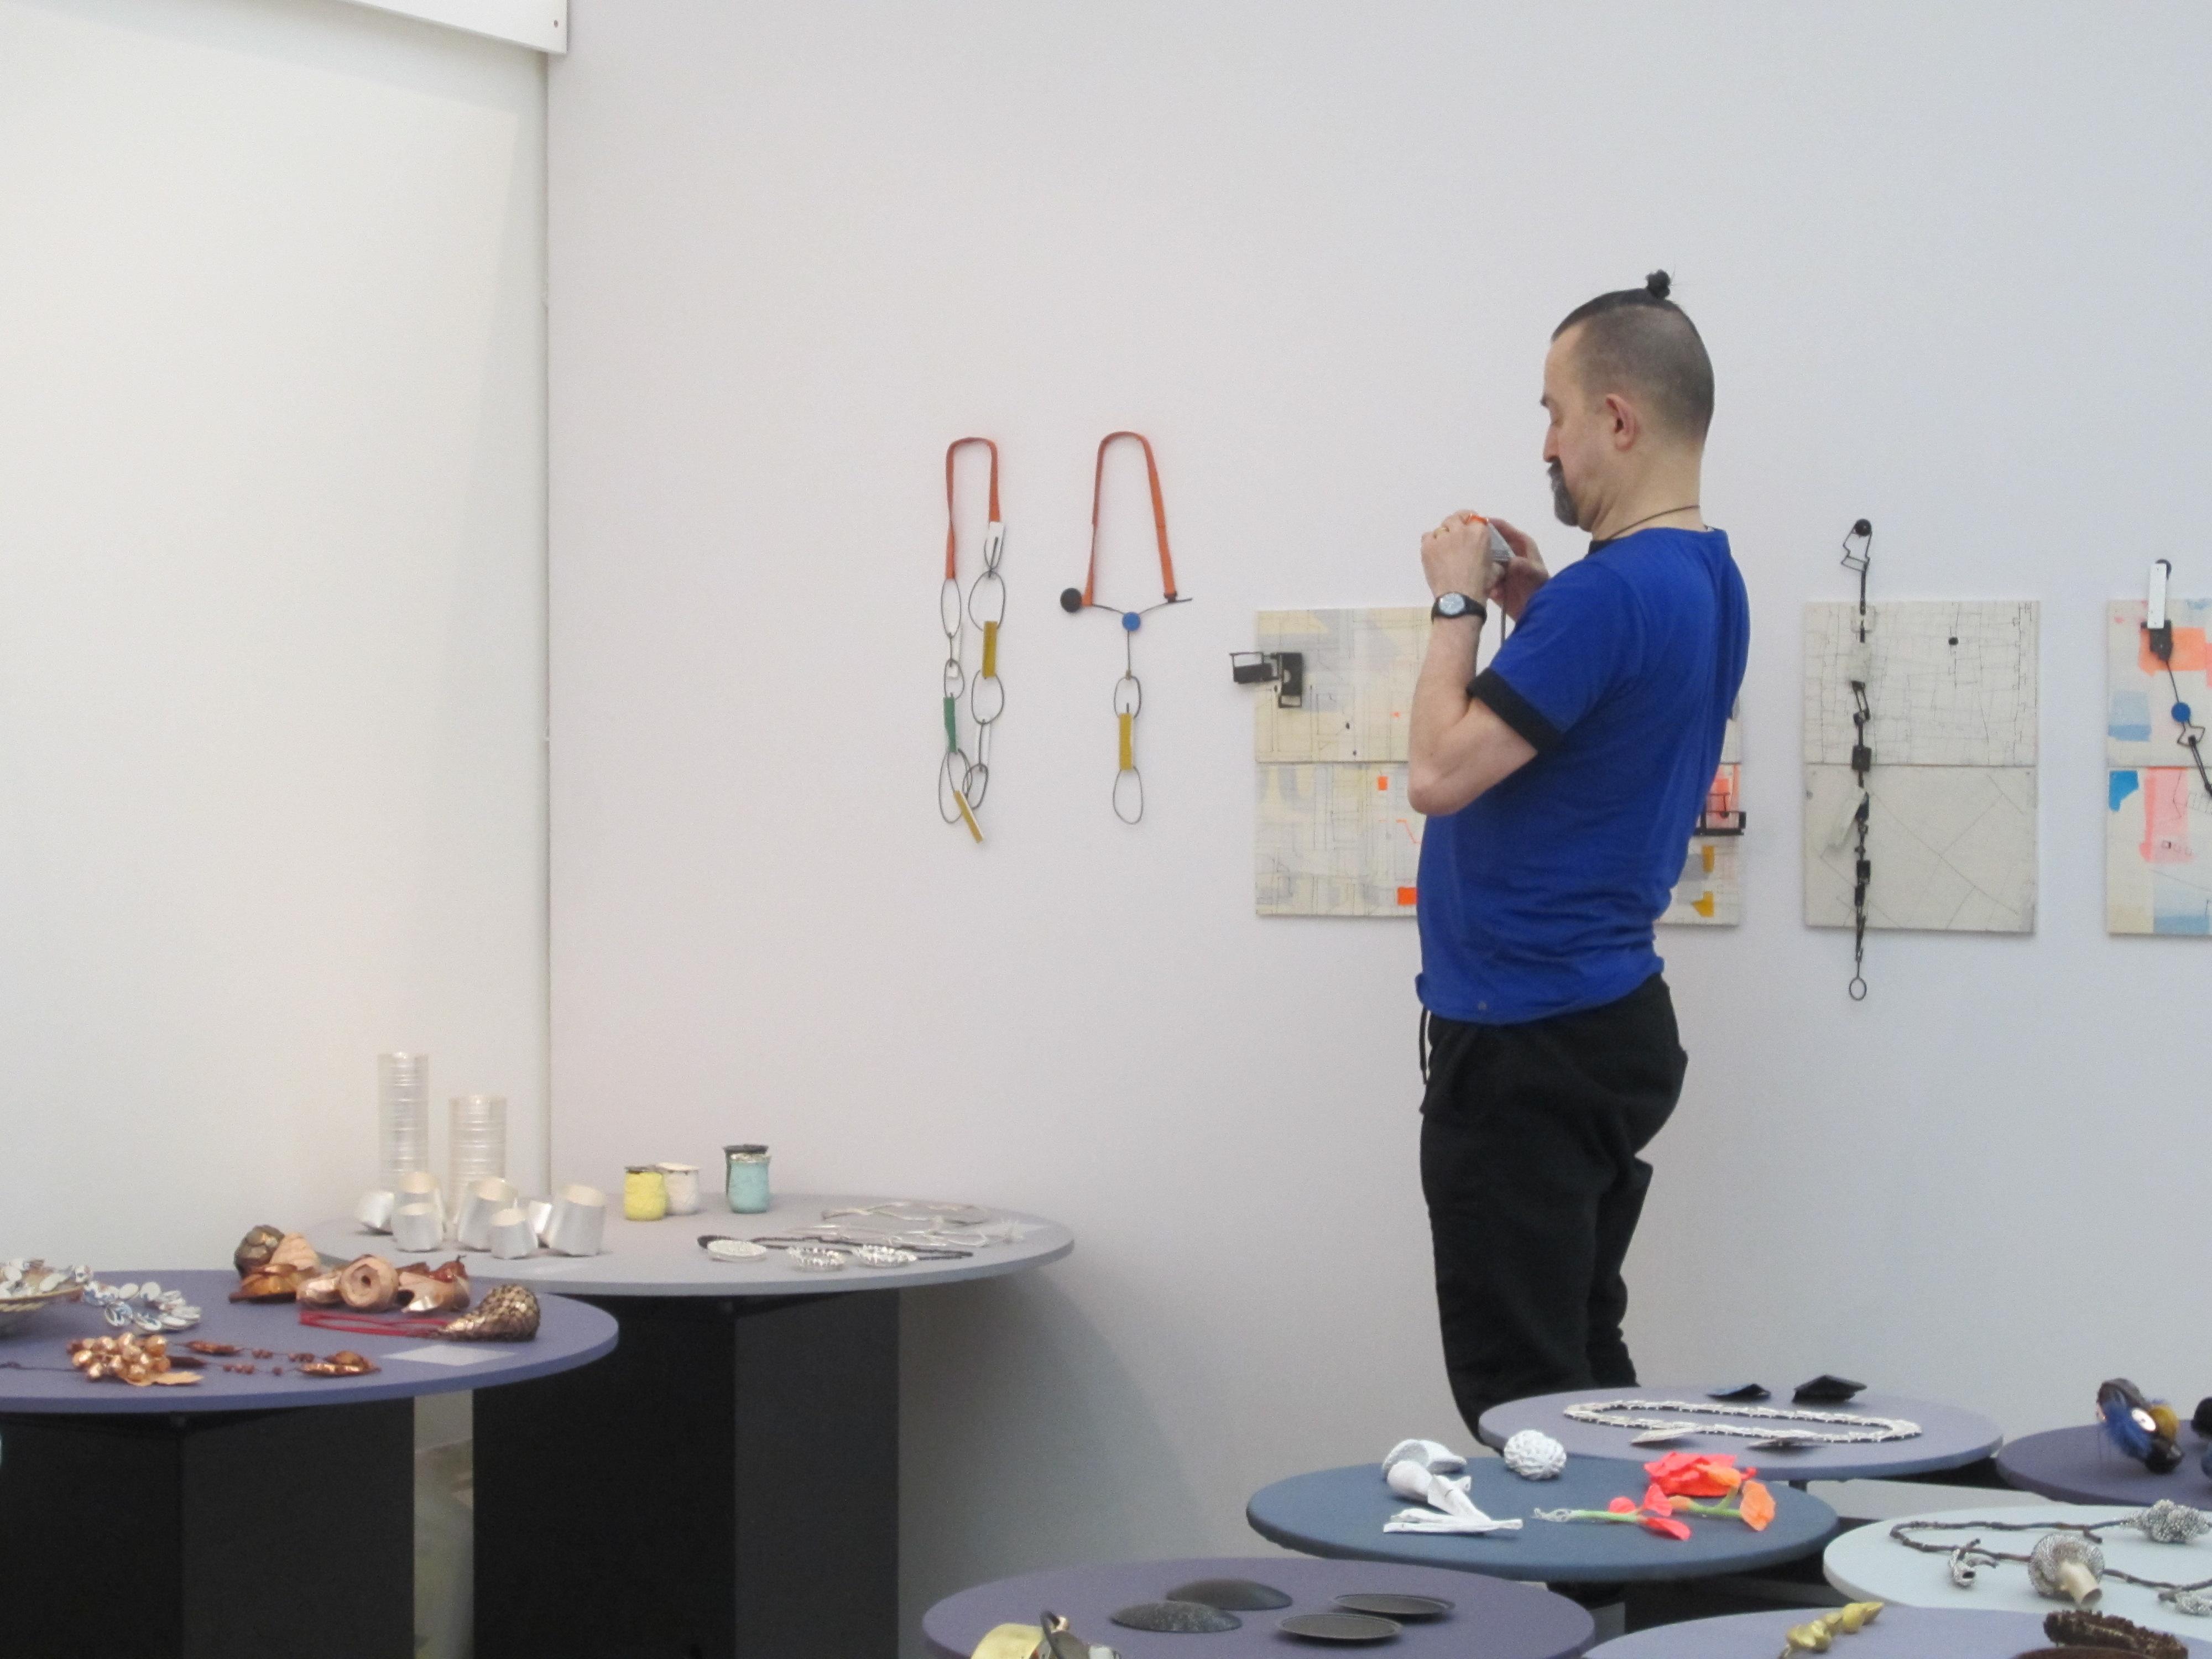 Paul Derrez richt een stand in op Collect, Londen, 2015 voor Galerie Ra, portret, beurs